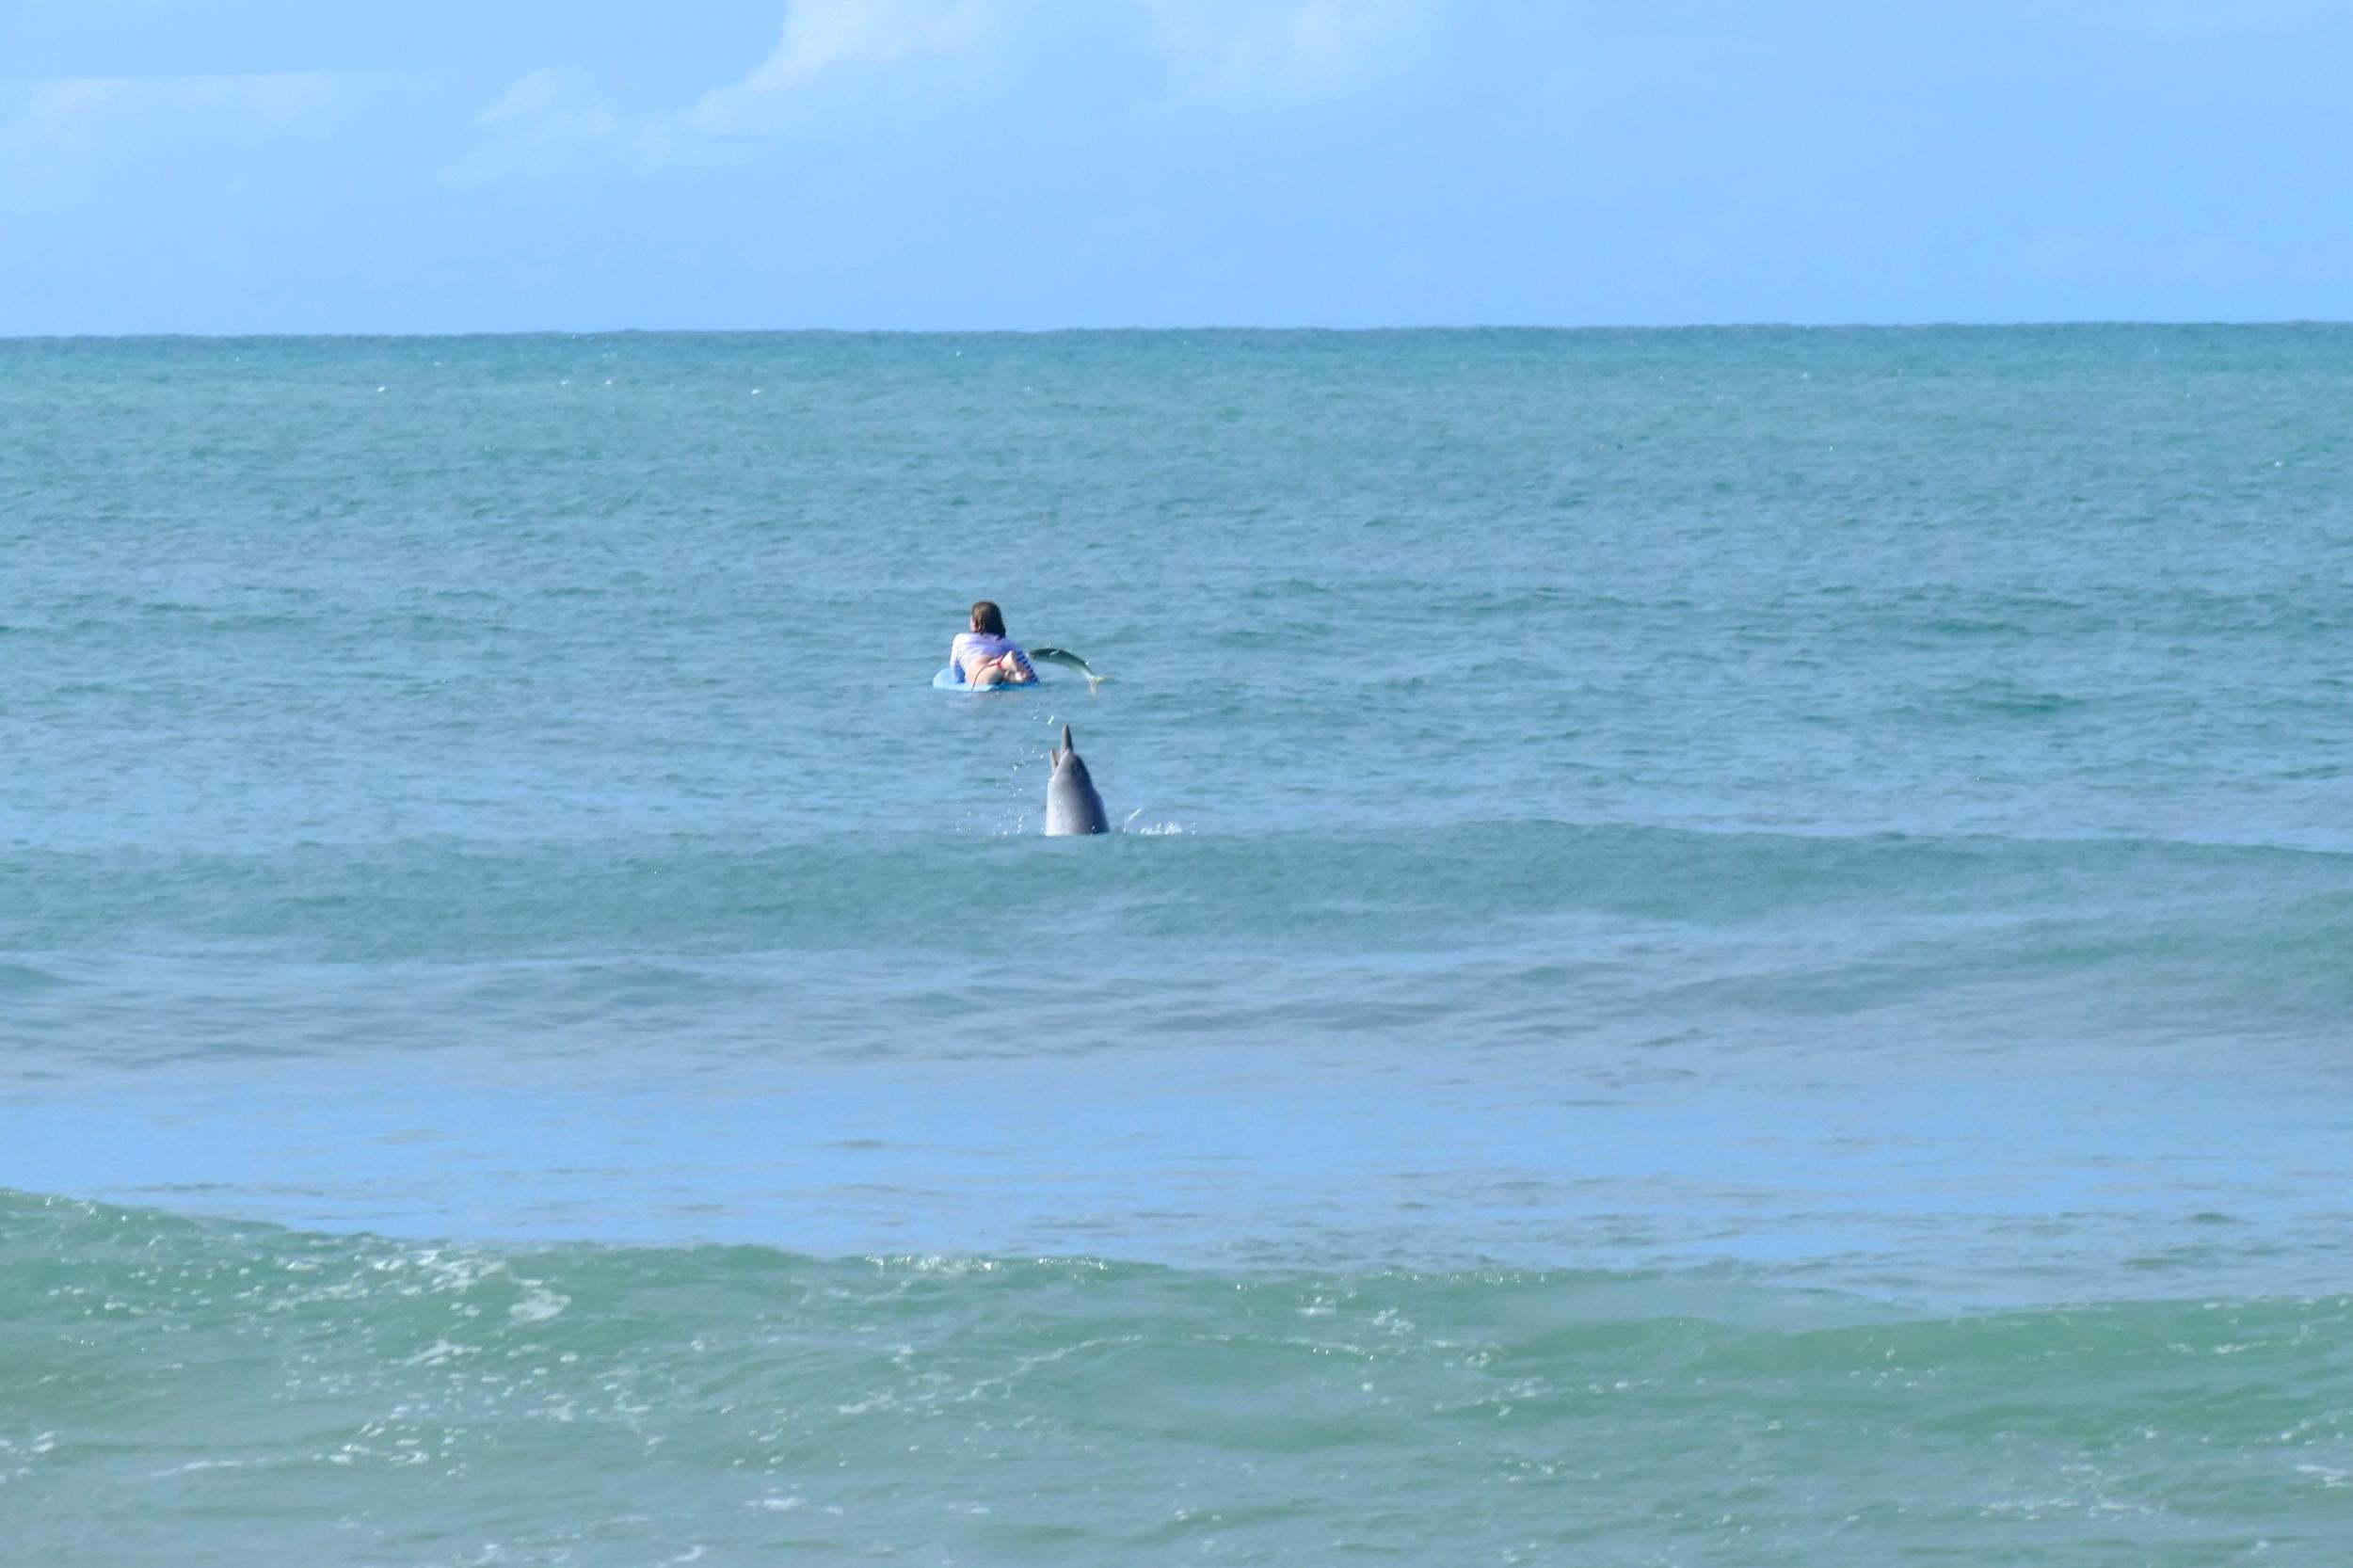 En attendant les vagues -Petit clin d'oeil aux lycras marinières SurfPistols ;)